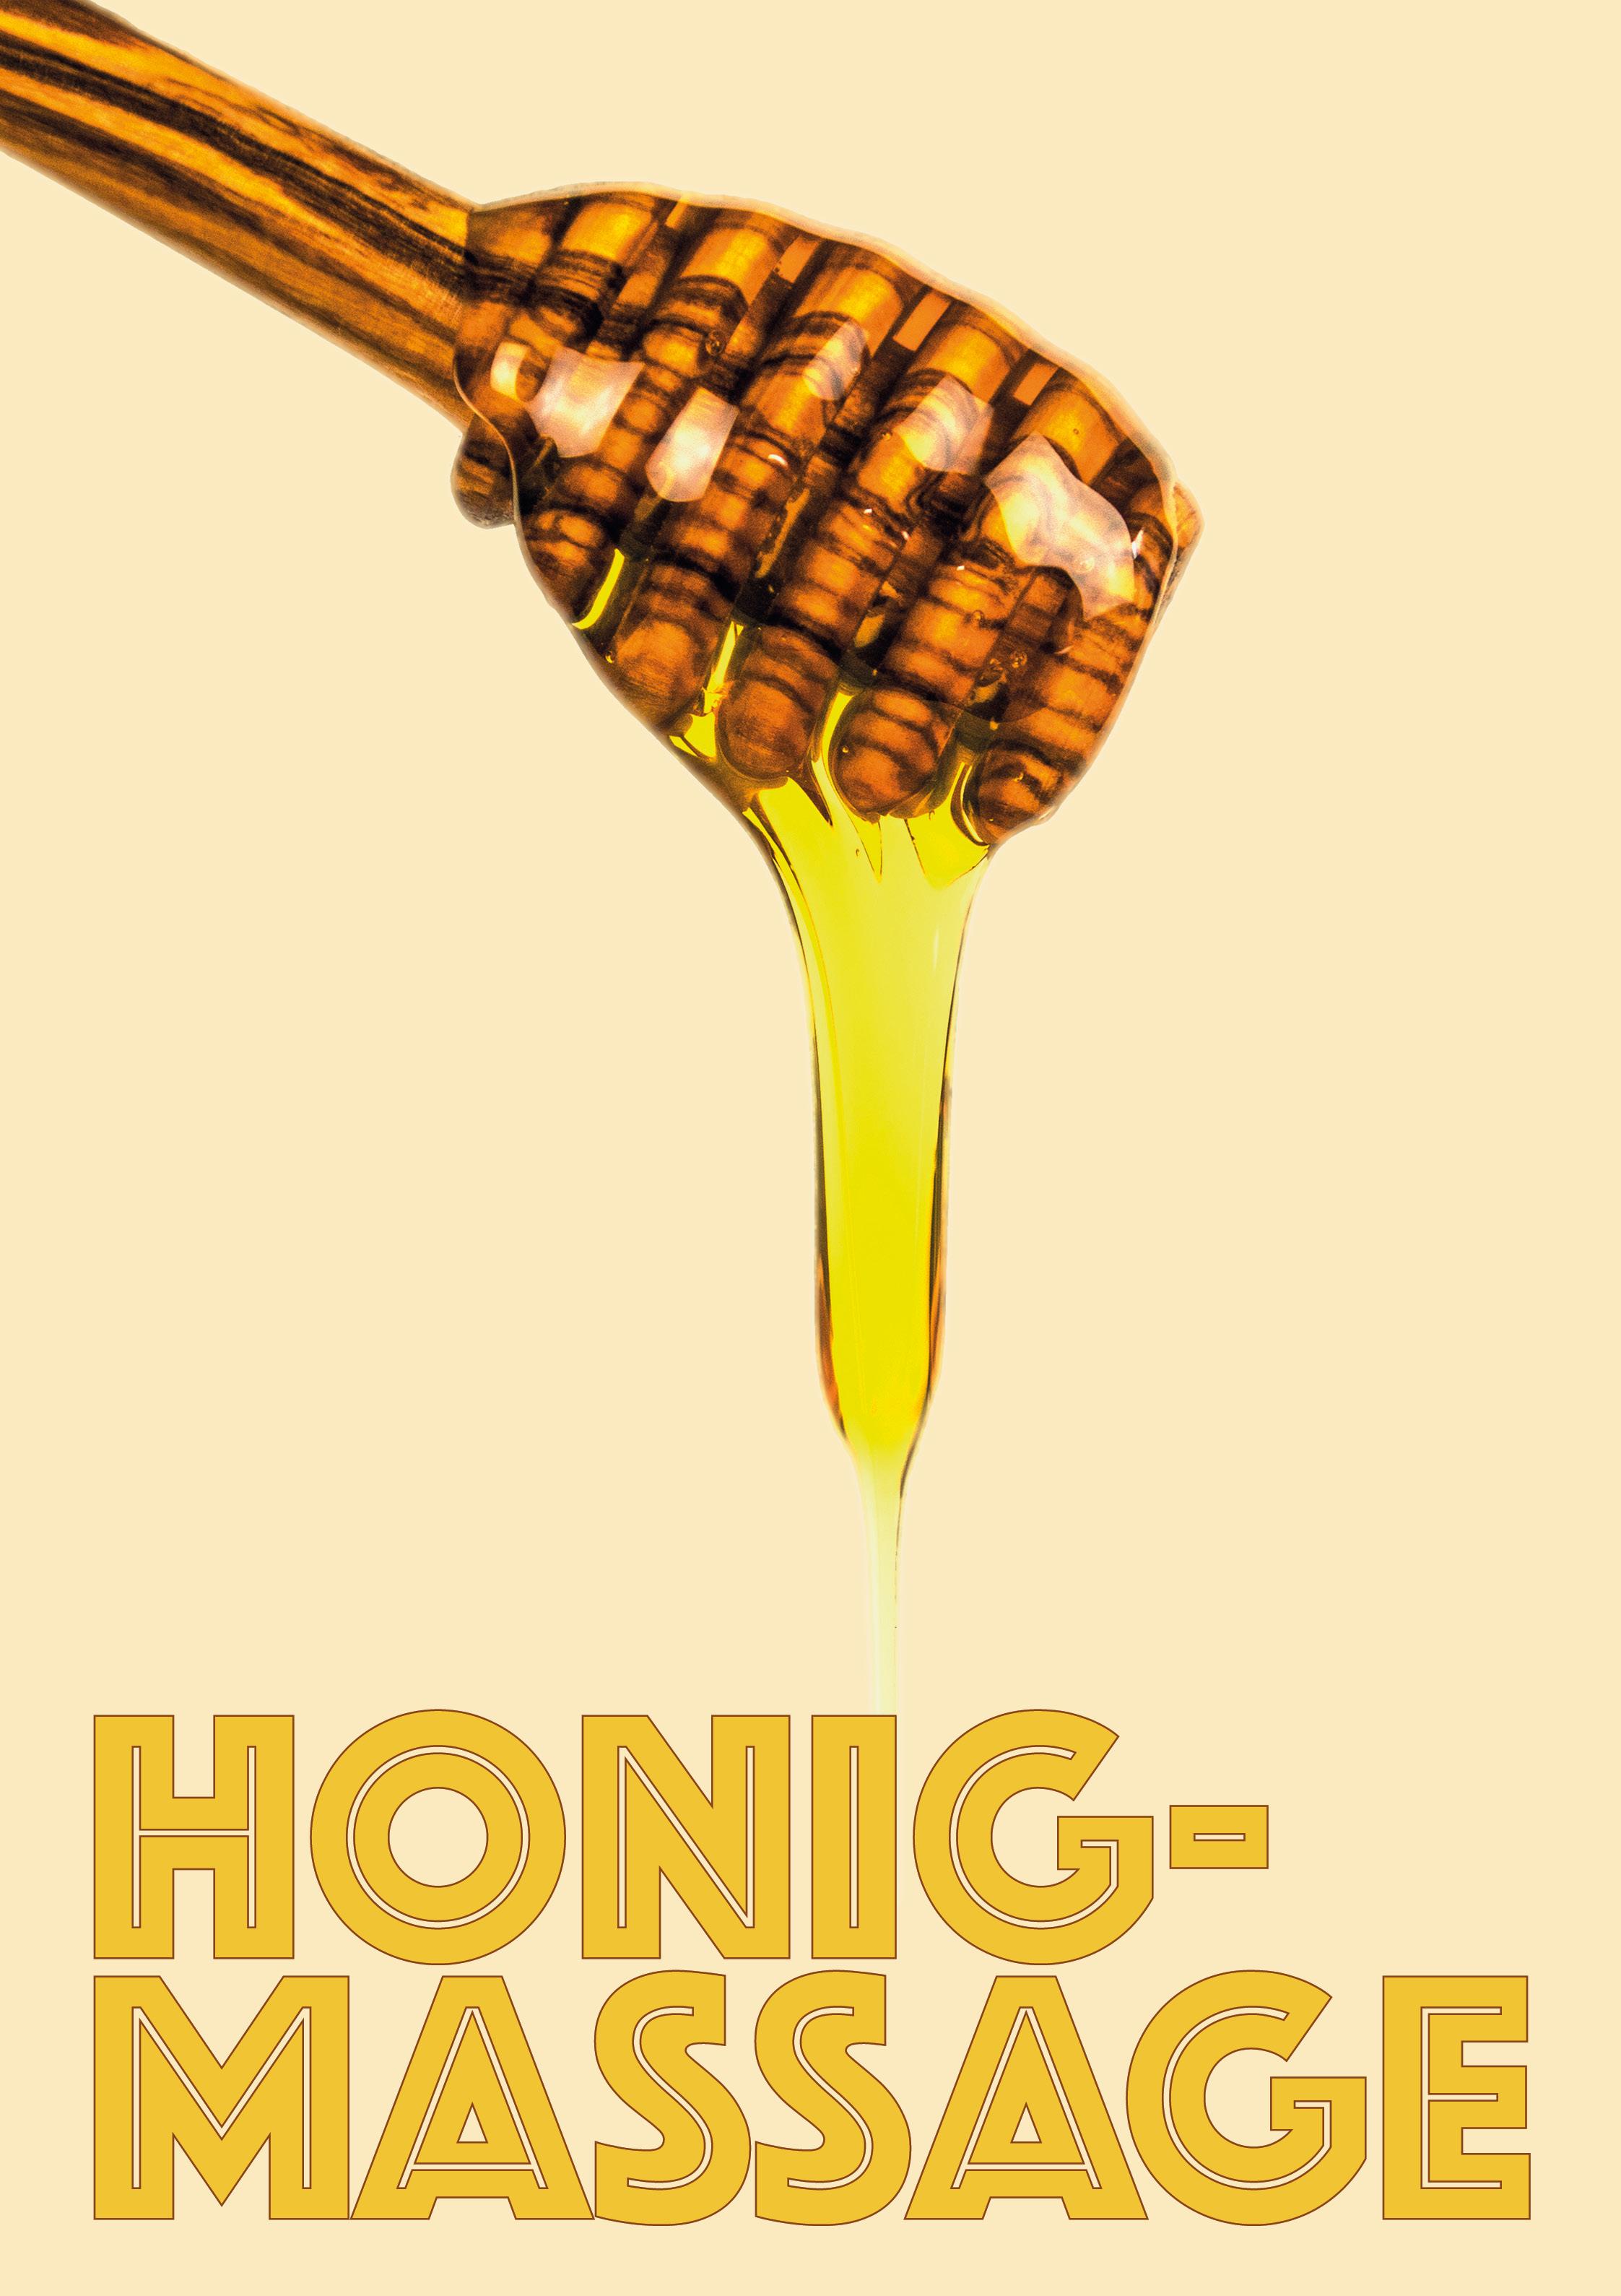 Kostenlose Druckvorlage - Plakat Honigmassage Tropfen - Wellness